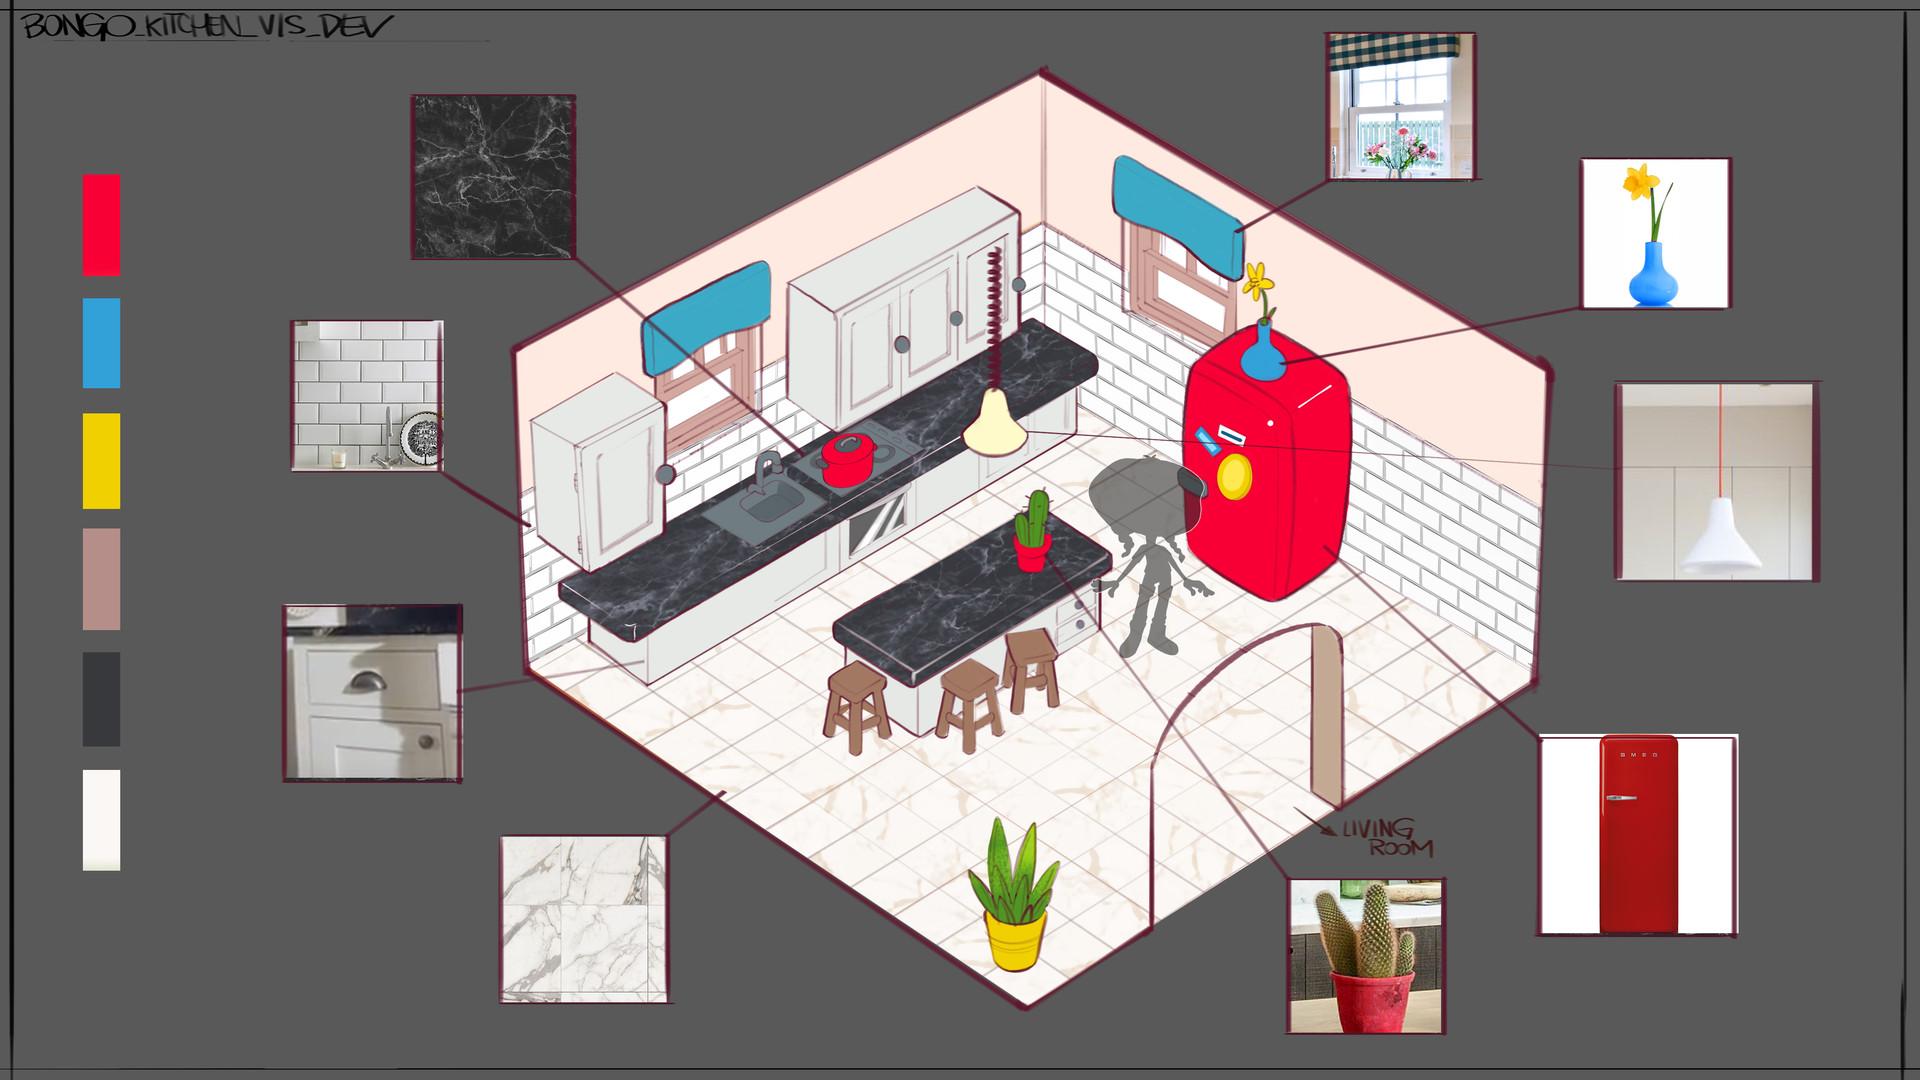 Francesco mazza bongo kitchen sketch viz dev v02